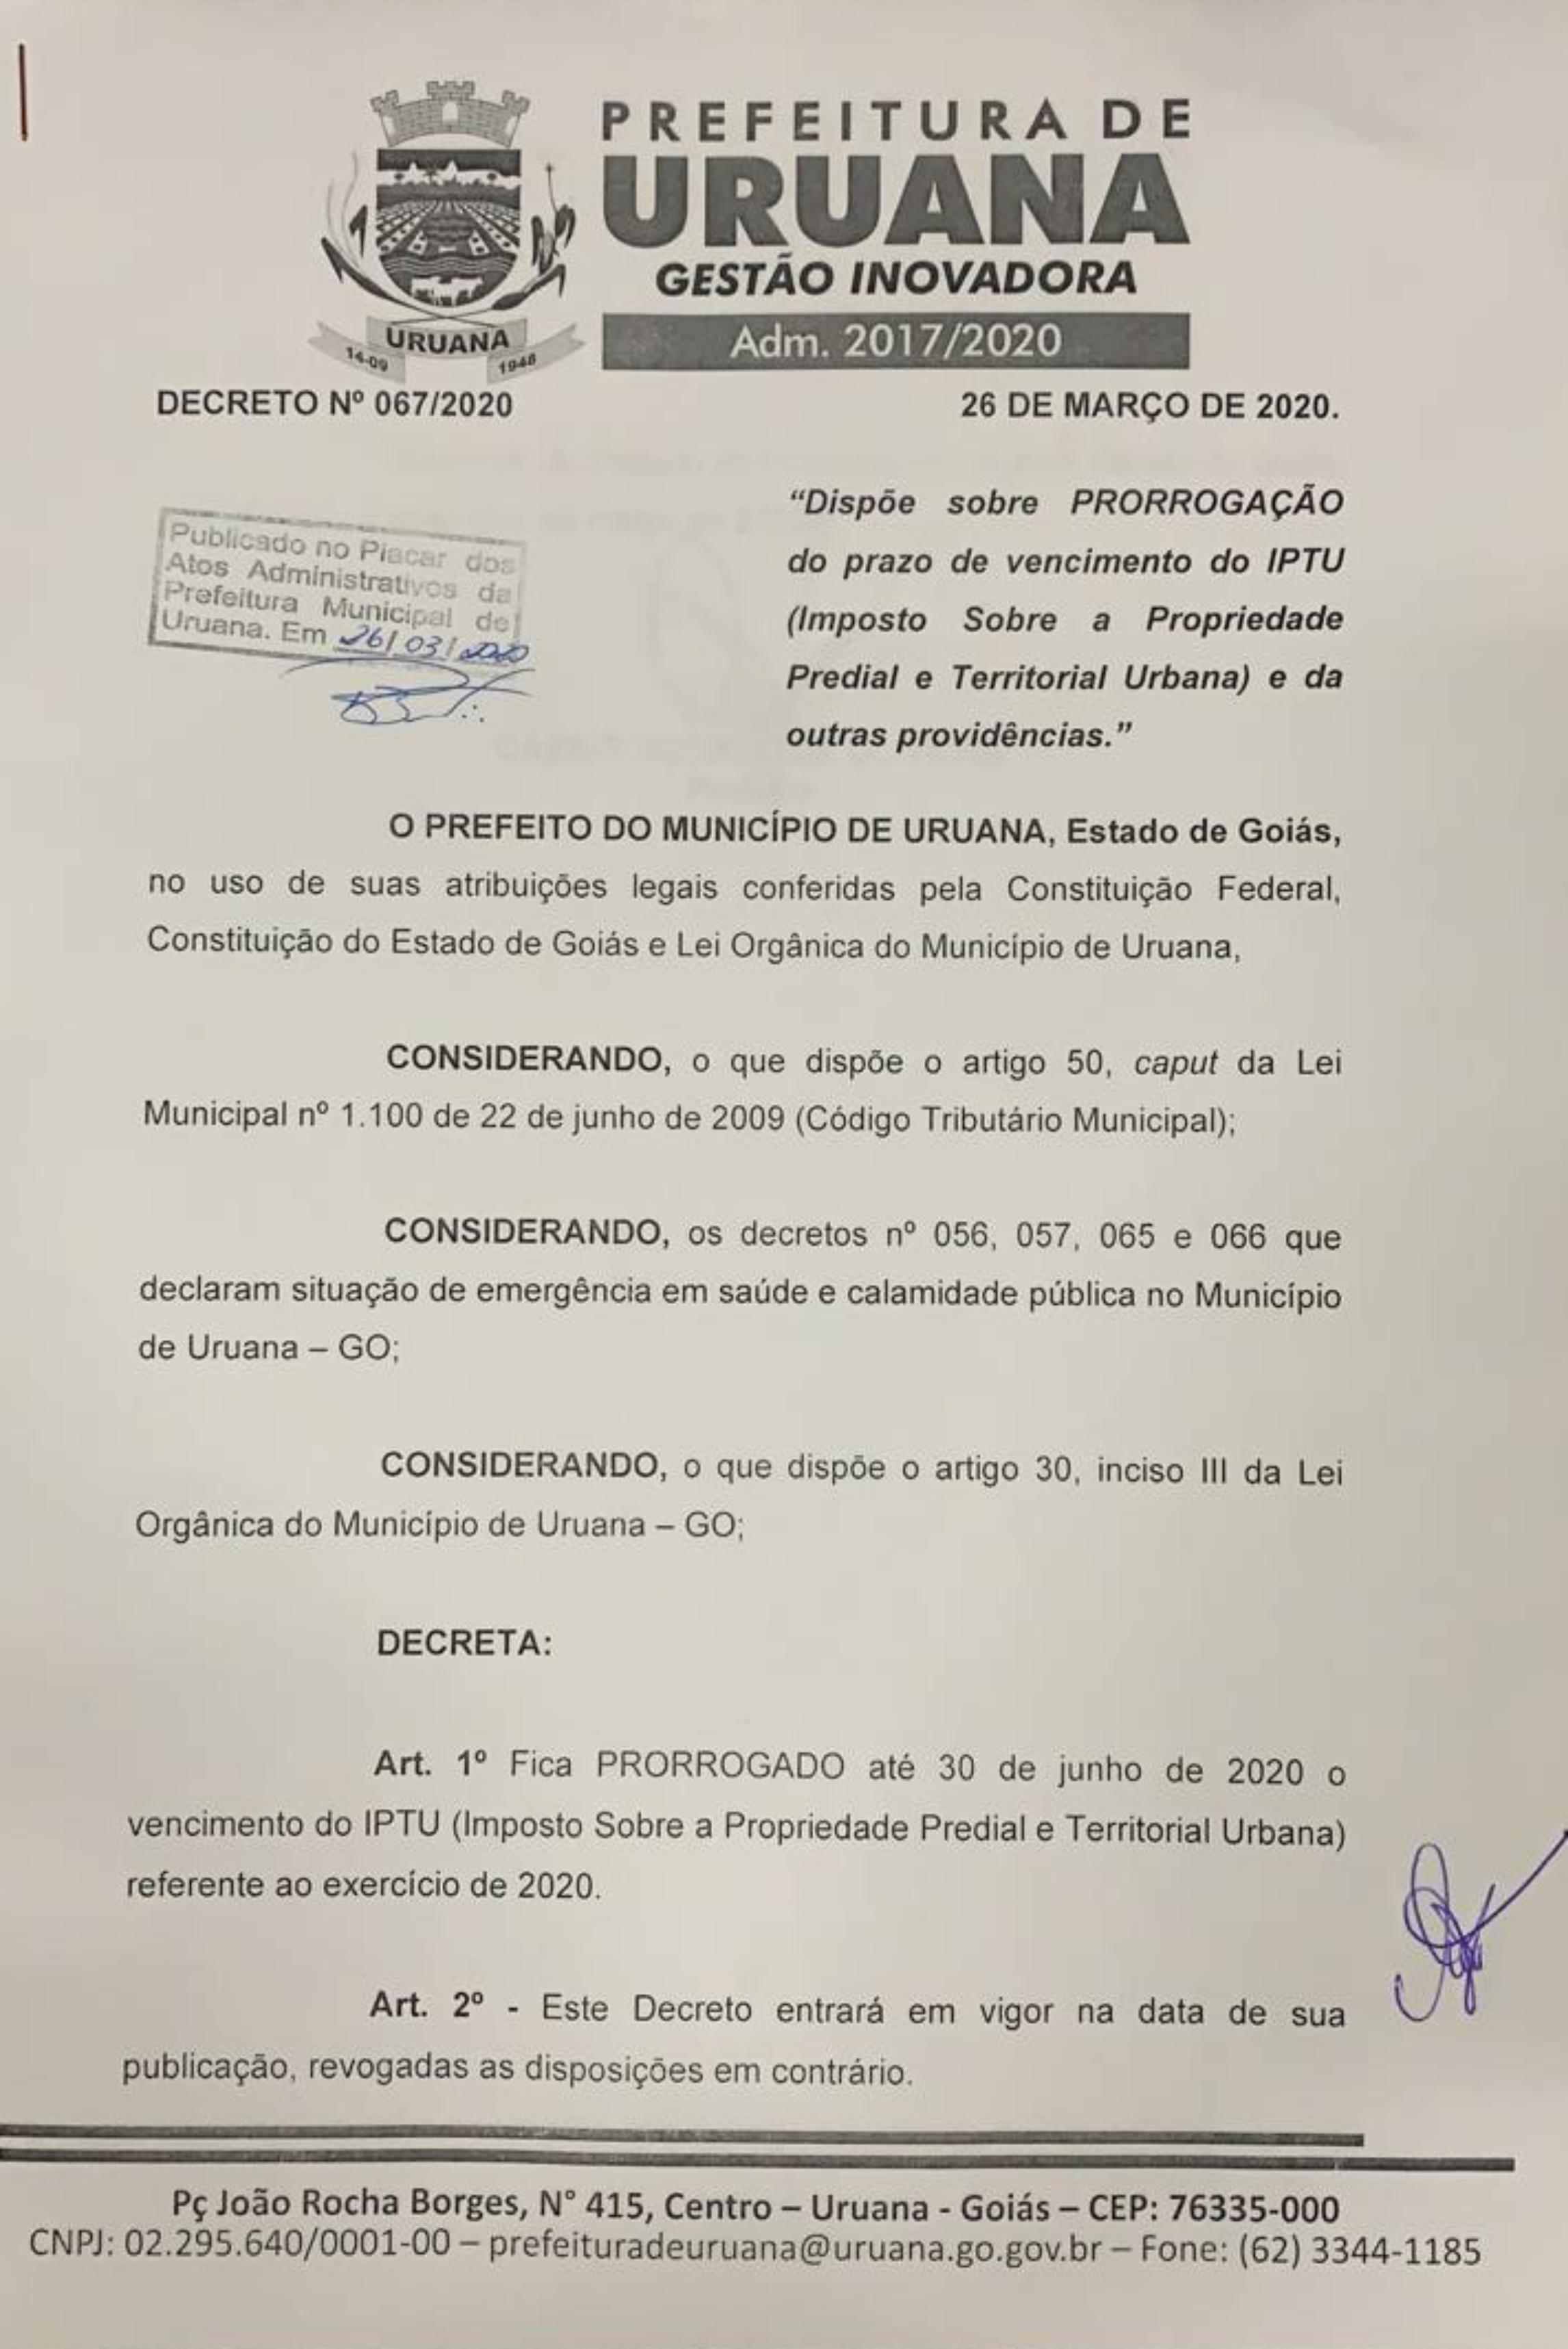 Decreto 067/2020